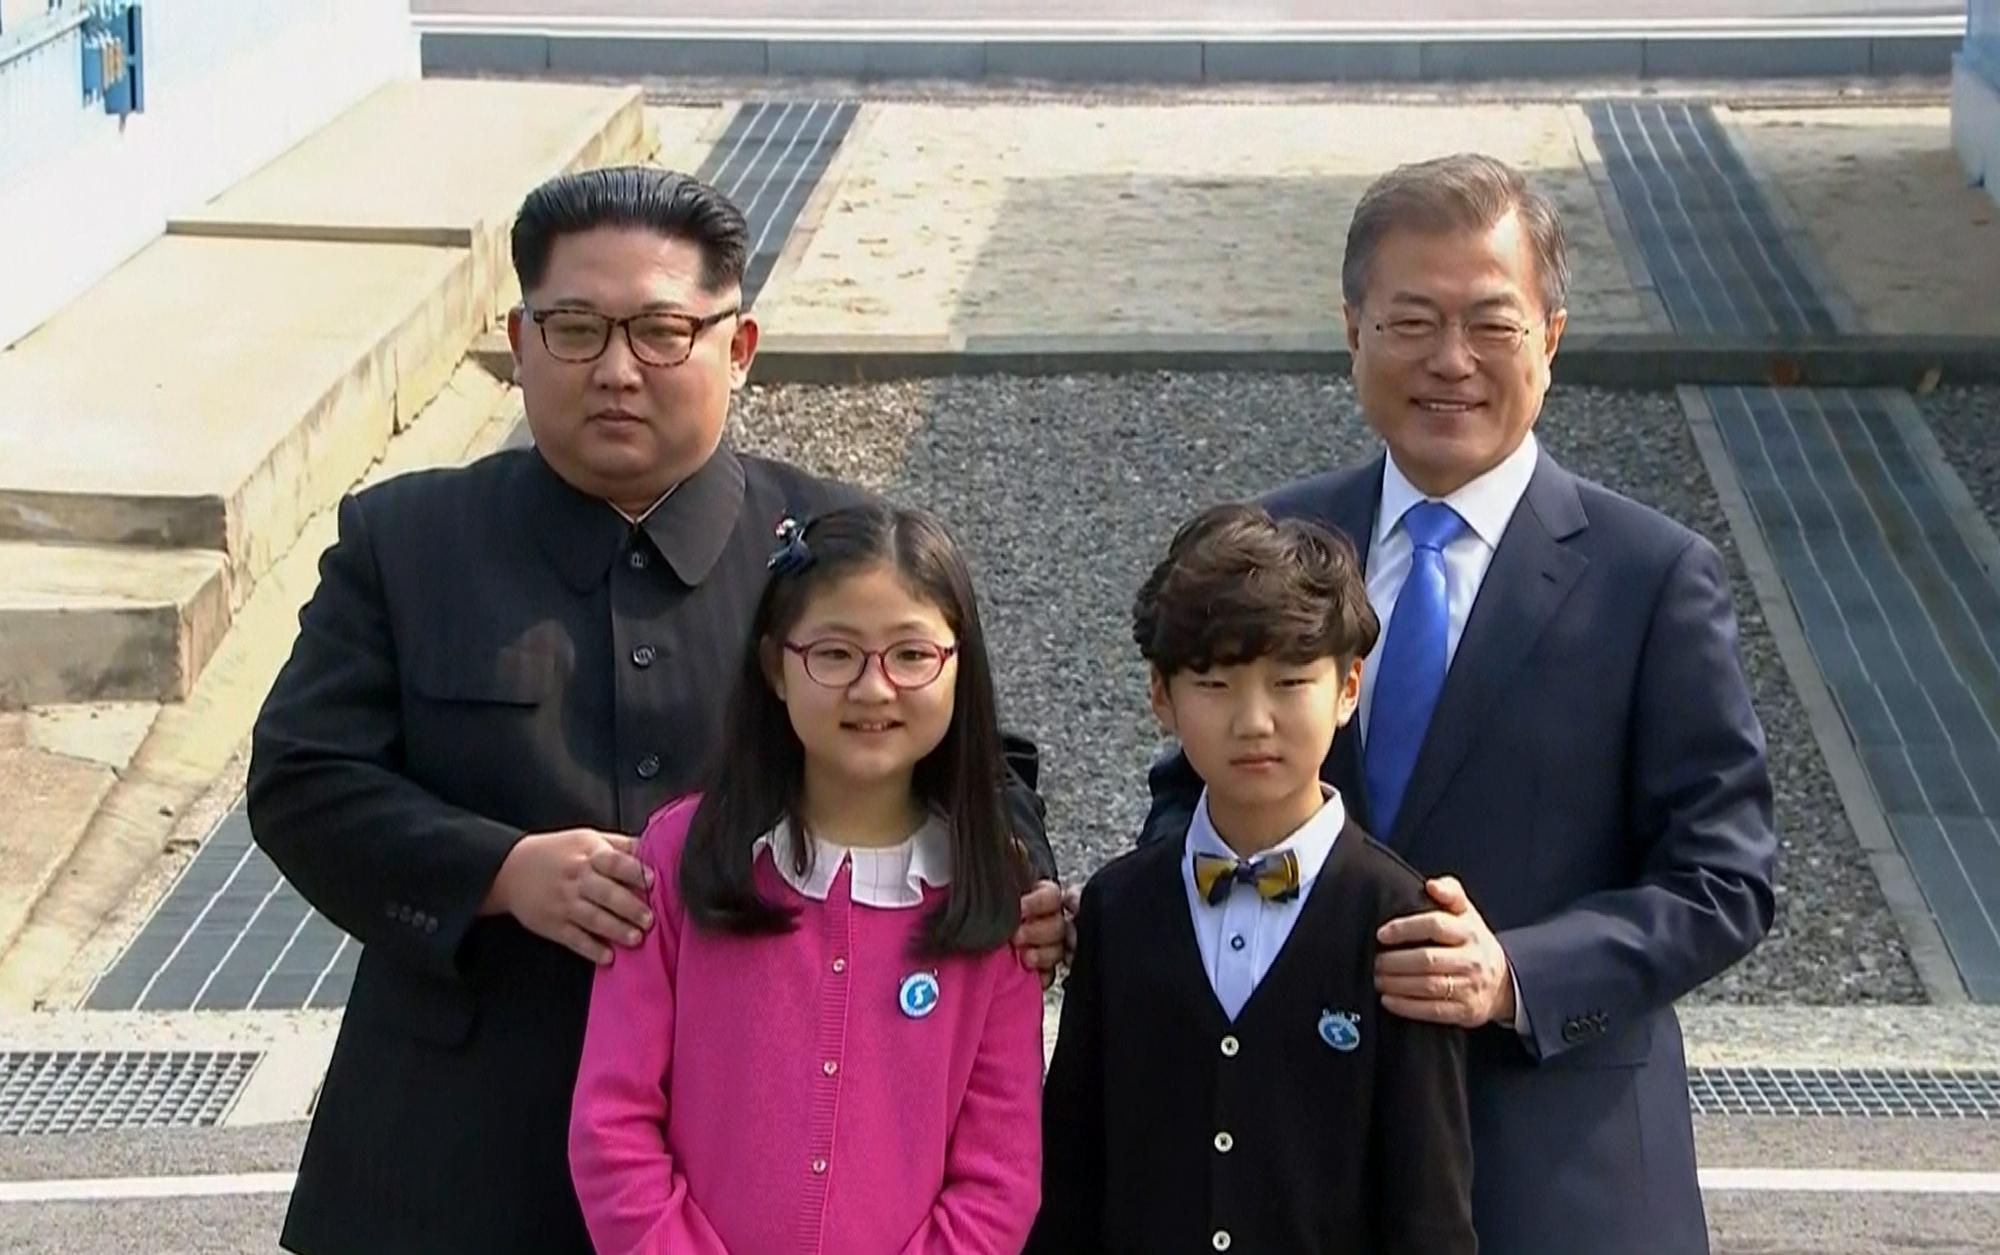 Los dos líderes posan con niños.(Korea Broadcasting System via AP)